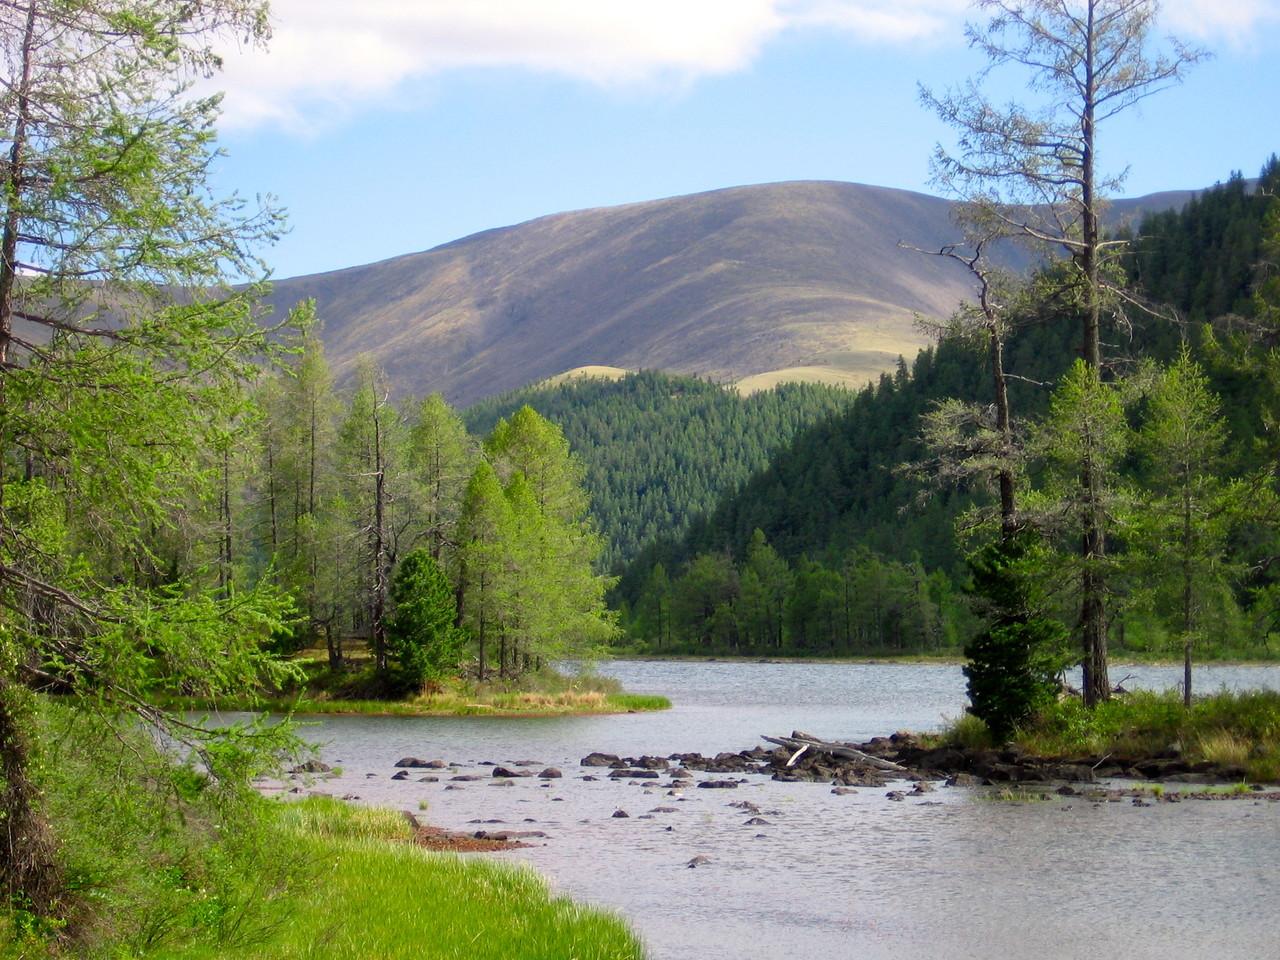 La région de Naiman nuur (les huit lacs)